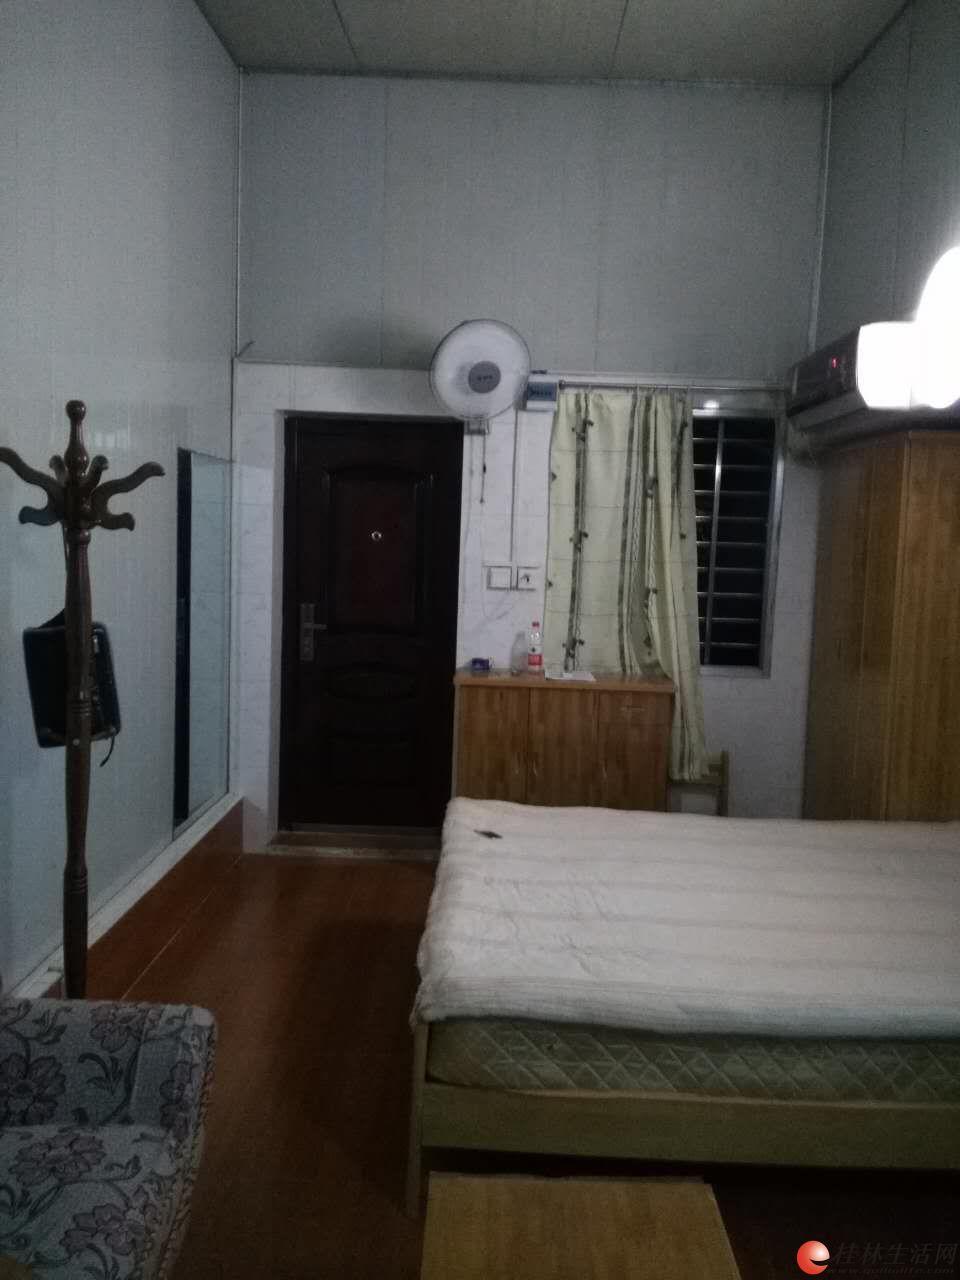 九岗岭 2楼大单间配套精装出租 700元/月 有空调冰箱洗衣机电视热水器床衣柜沙发等